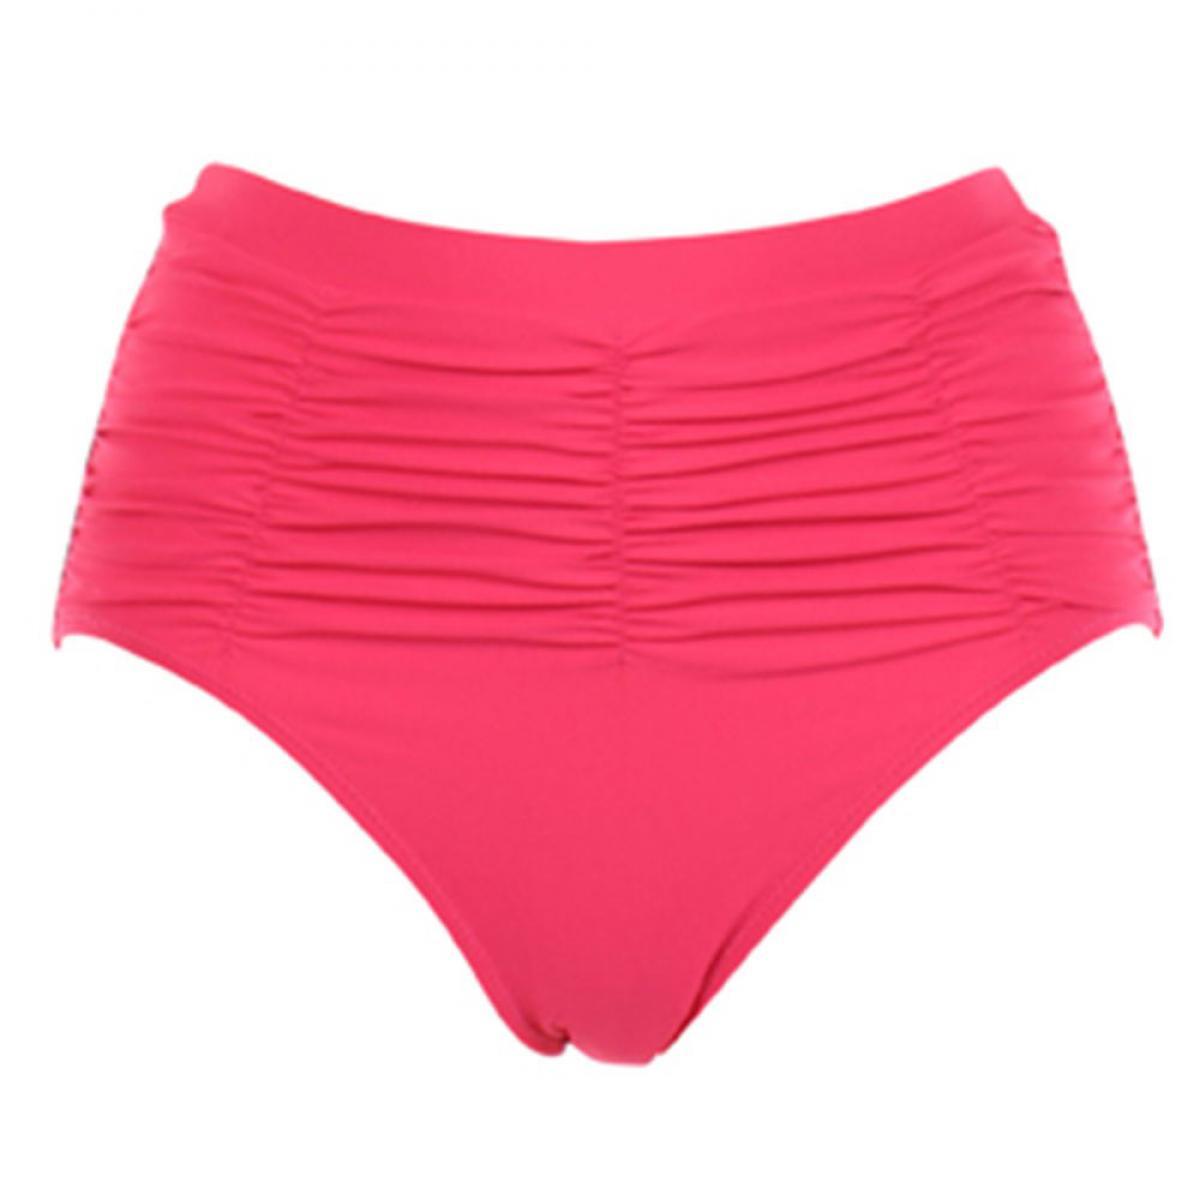 Culotte de bain seychelles framboise par janine robin for Bain s curve